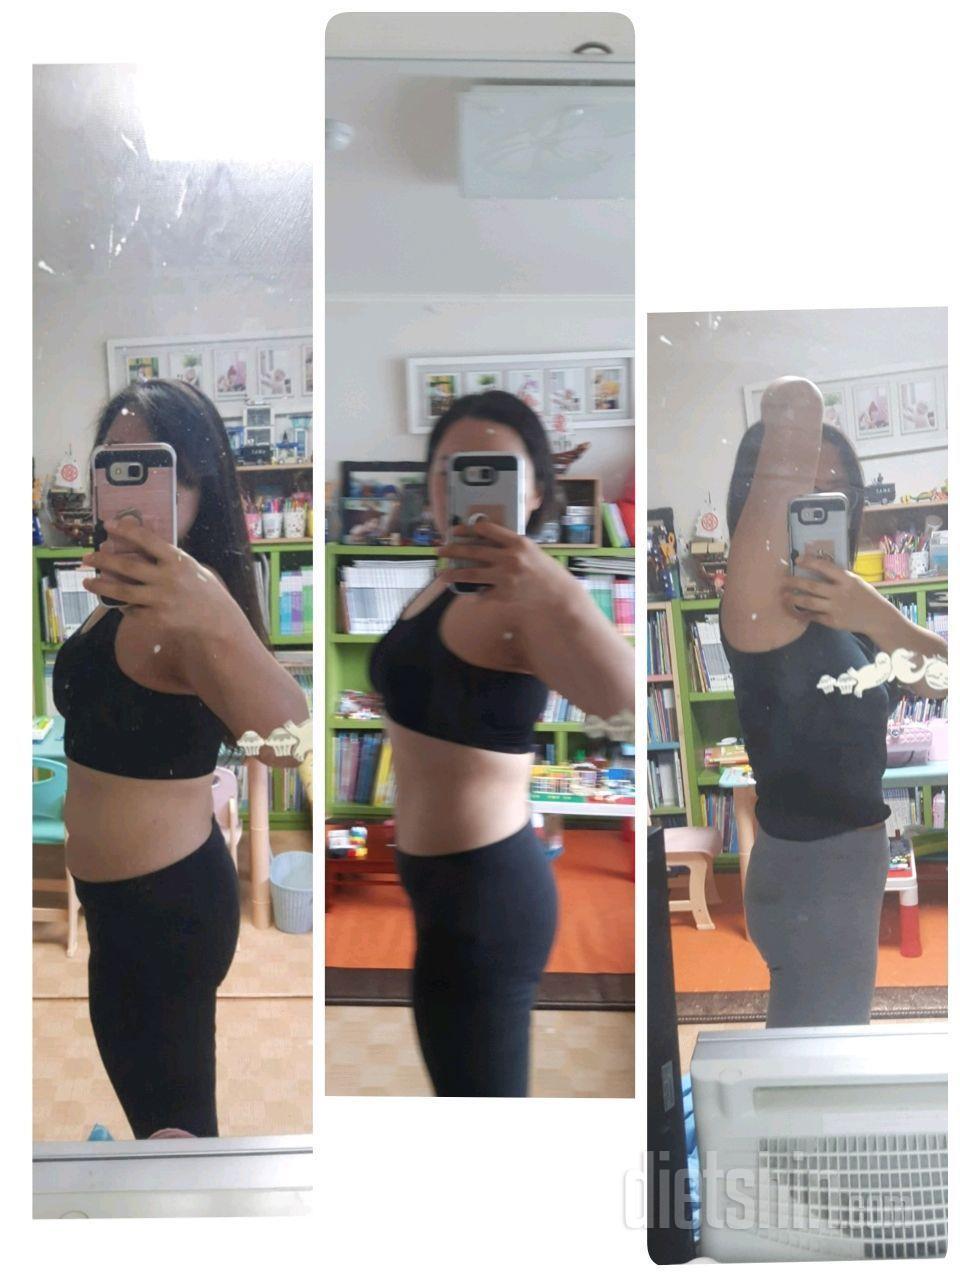 다이어트 2년차 70->\;58(-12kg 감량유지중)